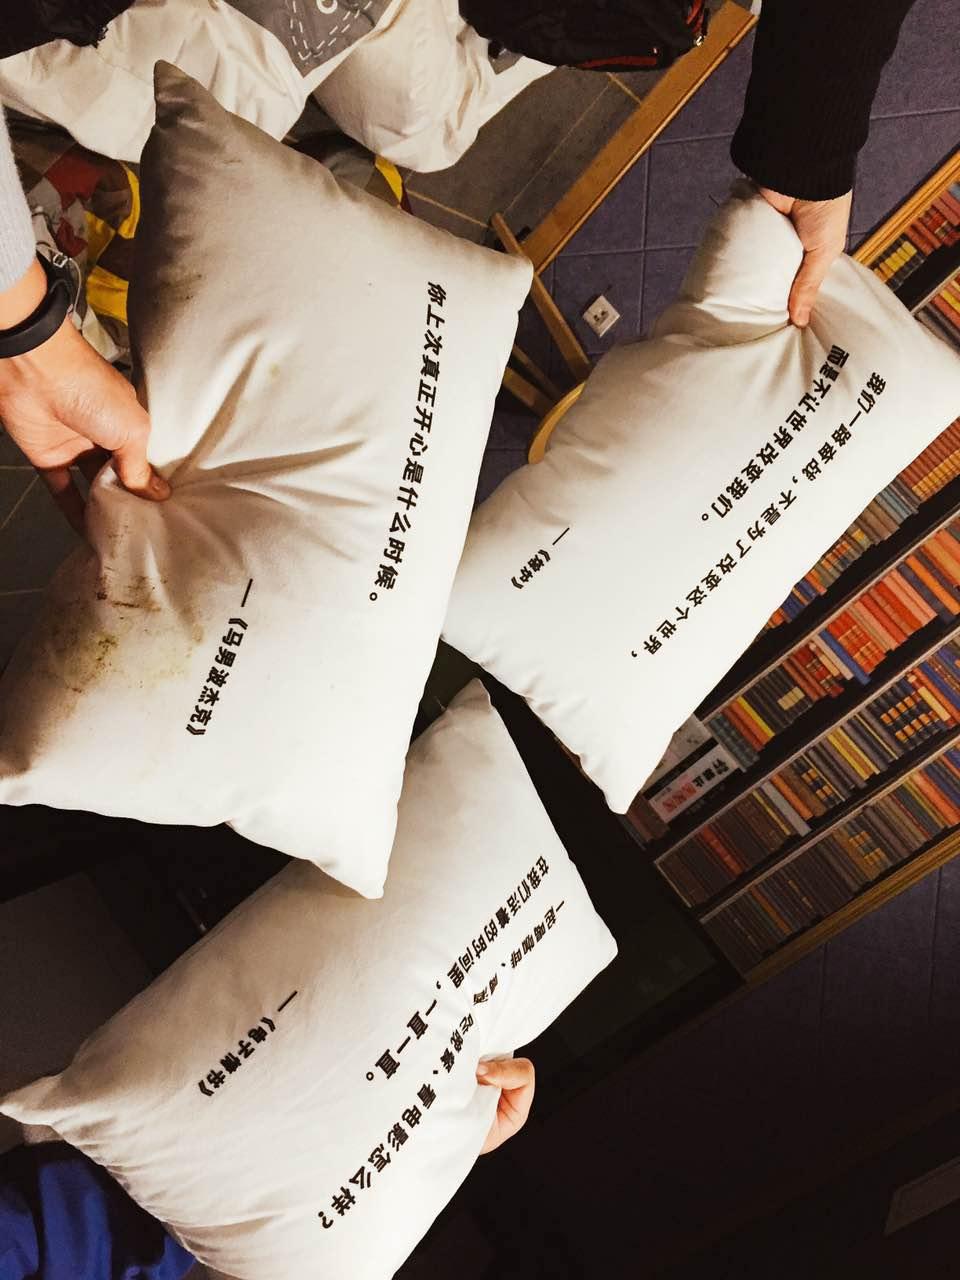 精挑细选的片单,印着台词的抱枕,这一切都好像让你在被一个同样爱电影的人关爱。